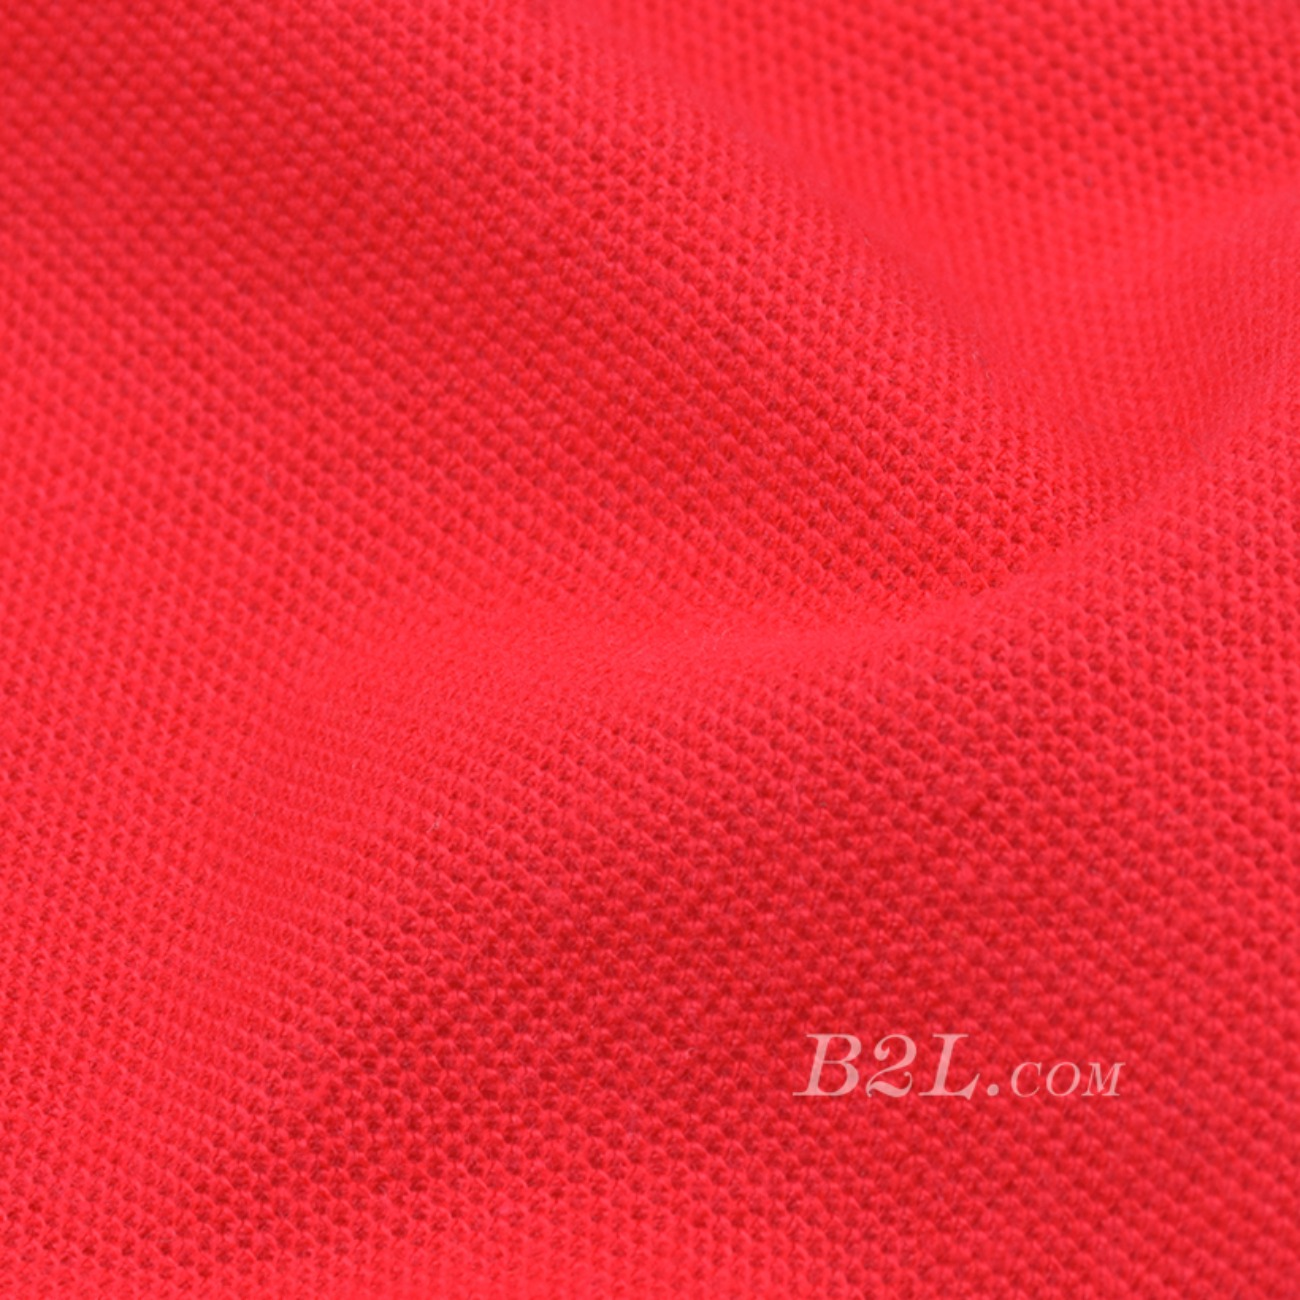 珠地网眼 涤棉 素色 经编 染色 单面 高弹 运动装 柔软 棉感 女装 男装 春夏 80302-66